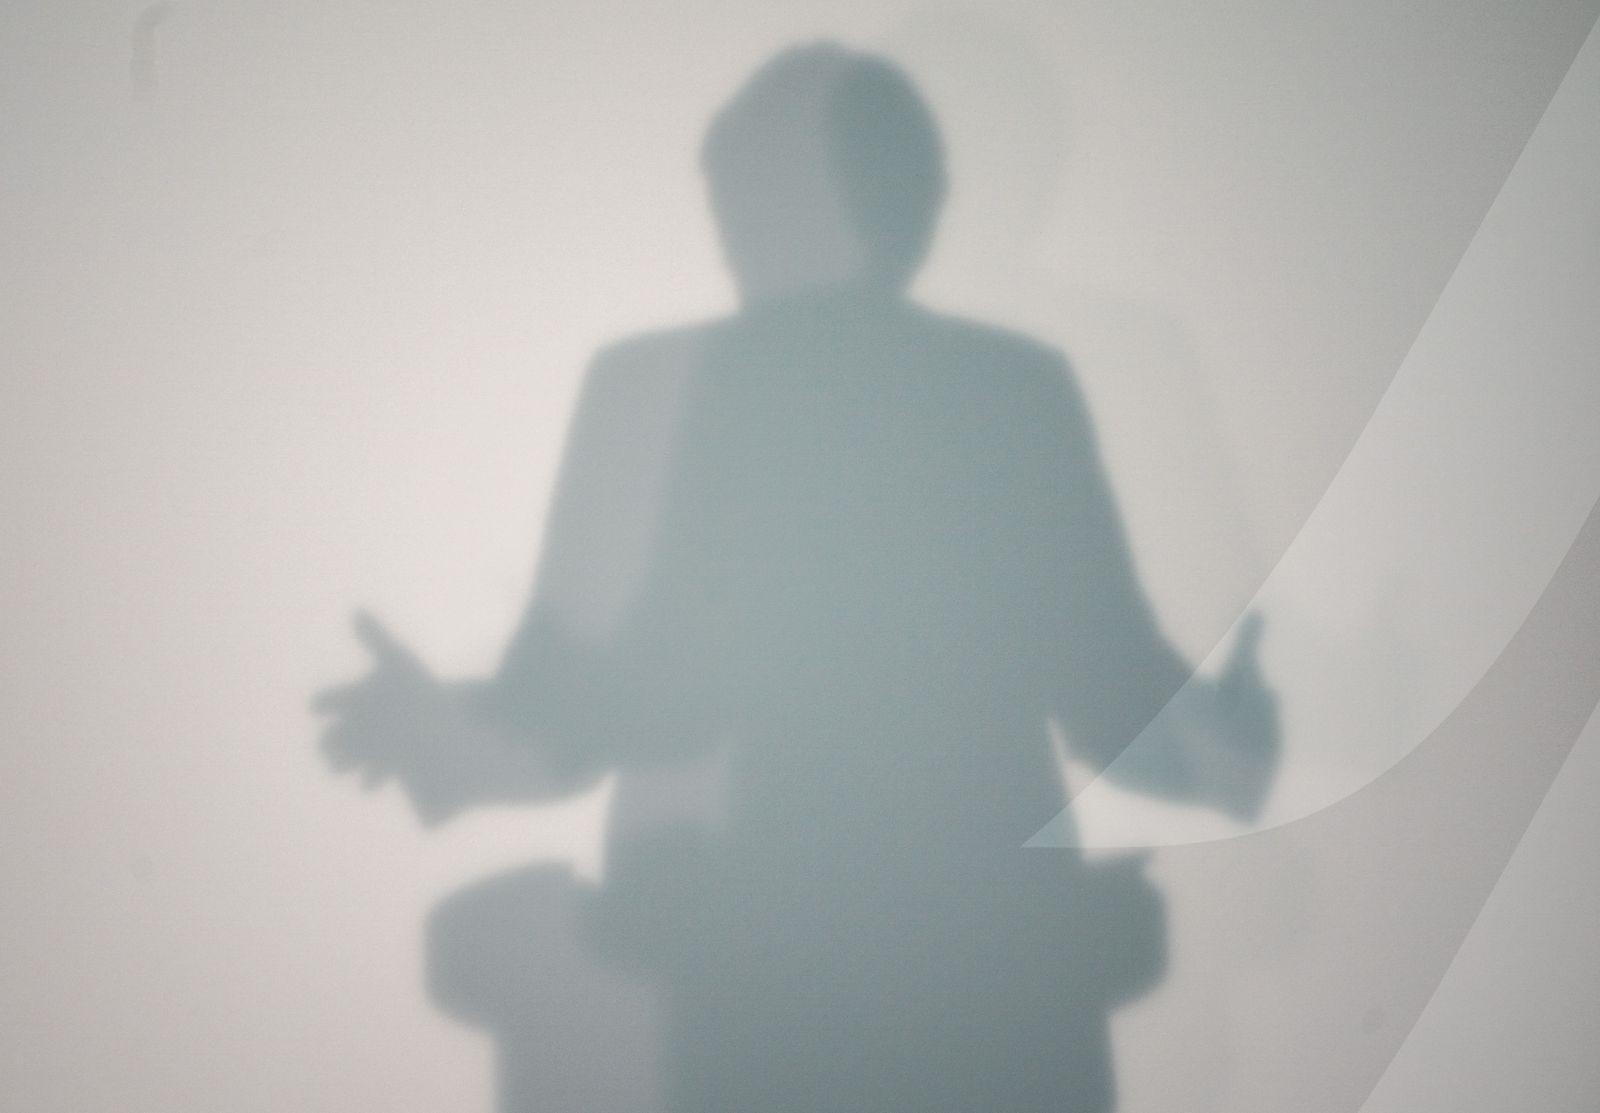 Schatten von Bundeskanzlerin Angela Merkel